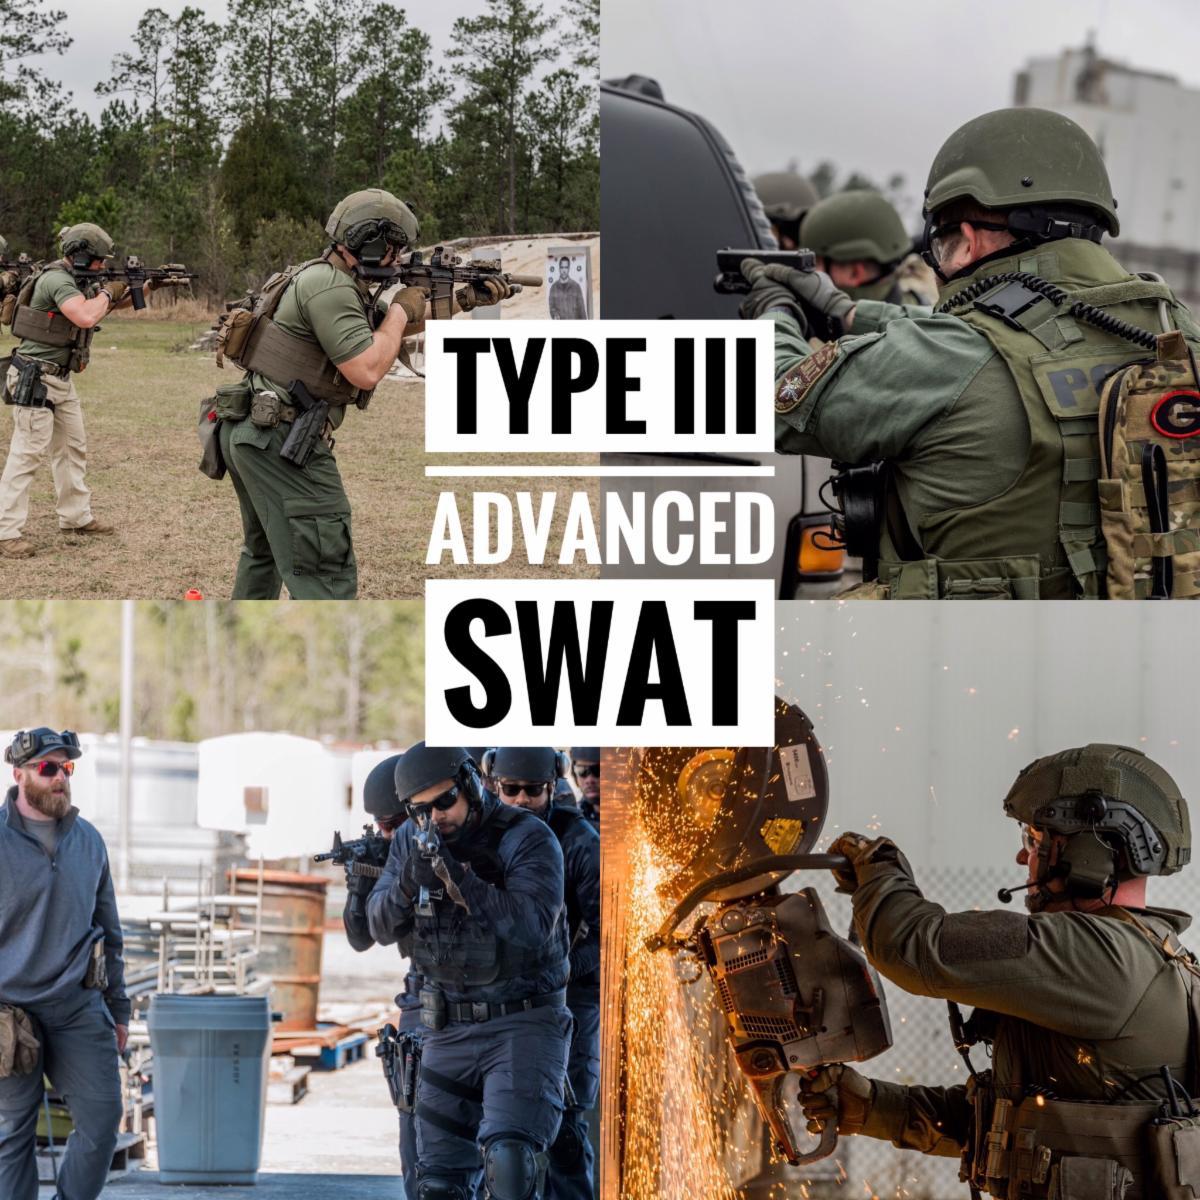 Type III Advanced SWAT